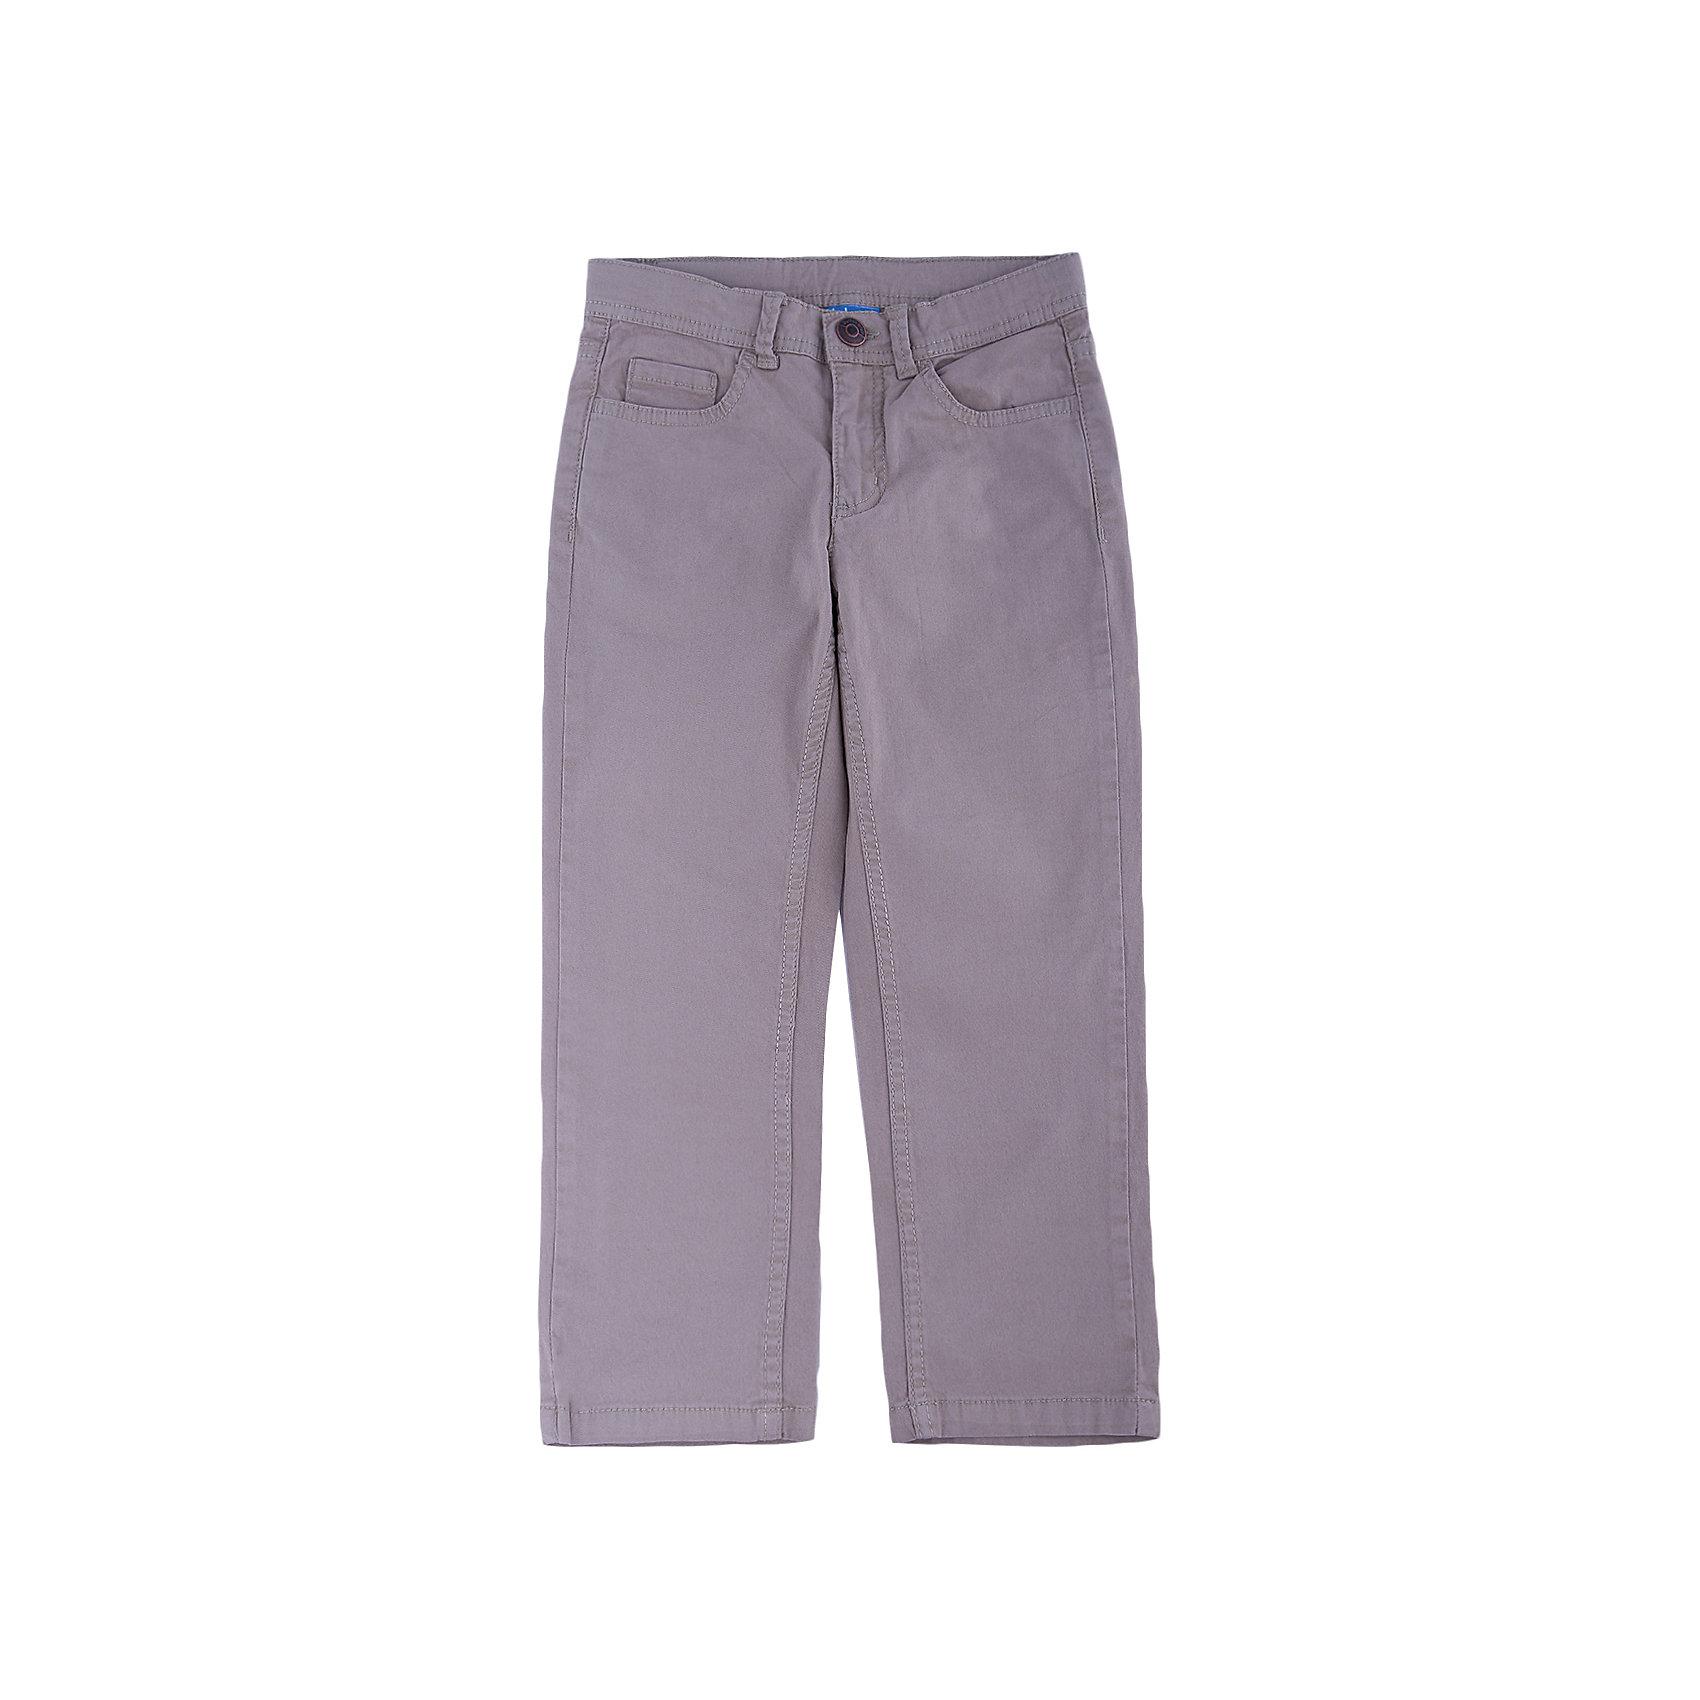 Брюки для мальчика Button BlueБрюки<br>Прекрасный летний вариант на каждый день - бежевые брюки для мальчика! Хотите, чтобы ваш ребенок был в тренде? Предпочитаете купить детские брюки модного силуэта недорого, не сомневаясь в их качестве и комфорте? Тогда отличные брюки от Button Blue - то, что нужно!<br>Состав:<br>98%хлопок, 2%эластан<br><br>Ширина мм: 215<br>Глубина мм: 88<br>Высота мм: 191<br>Вес г: 336<br>Цвет: бежевый<br>Возраст от месяцев: 144<br>Возраст до месяцев: 156<br>Пол: Мужской<br>Возраст: Детский<br>Размер: 104,146,128,140,152,110,98,158,122,134,116<br>SKU: 4510397